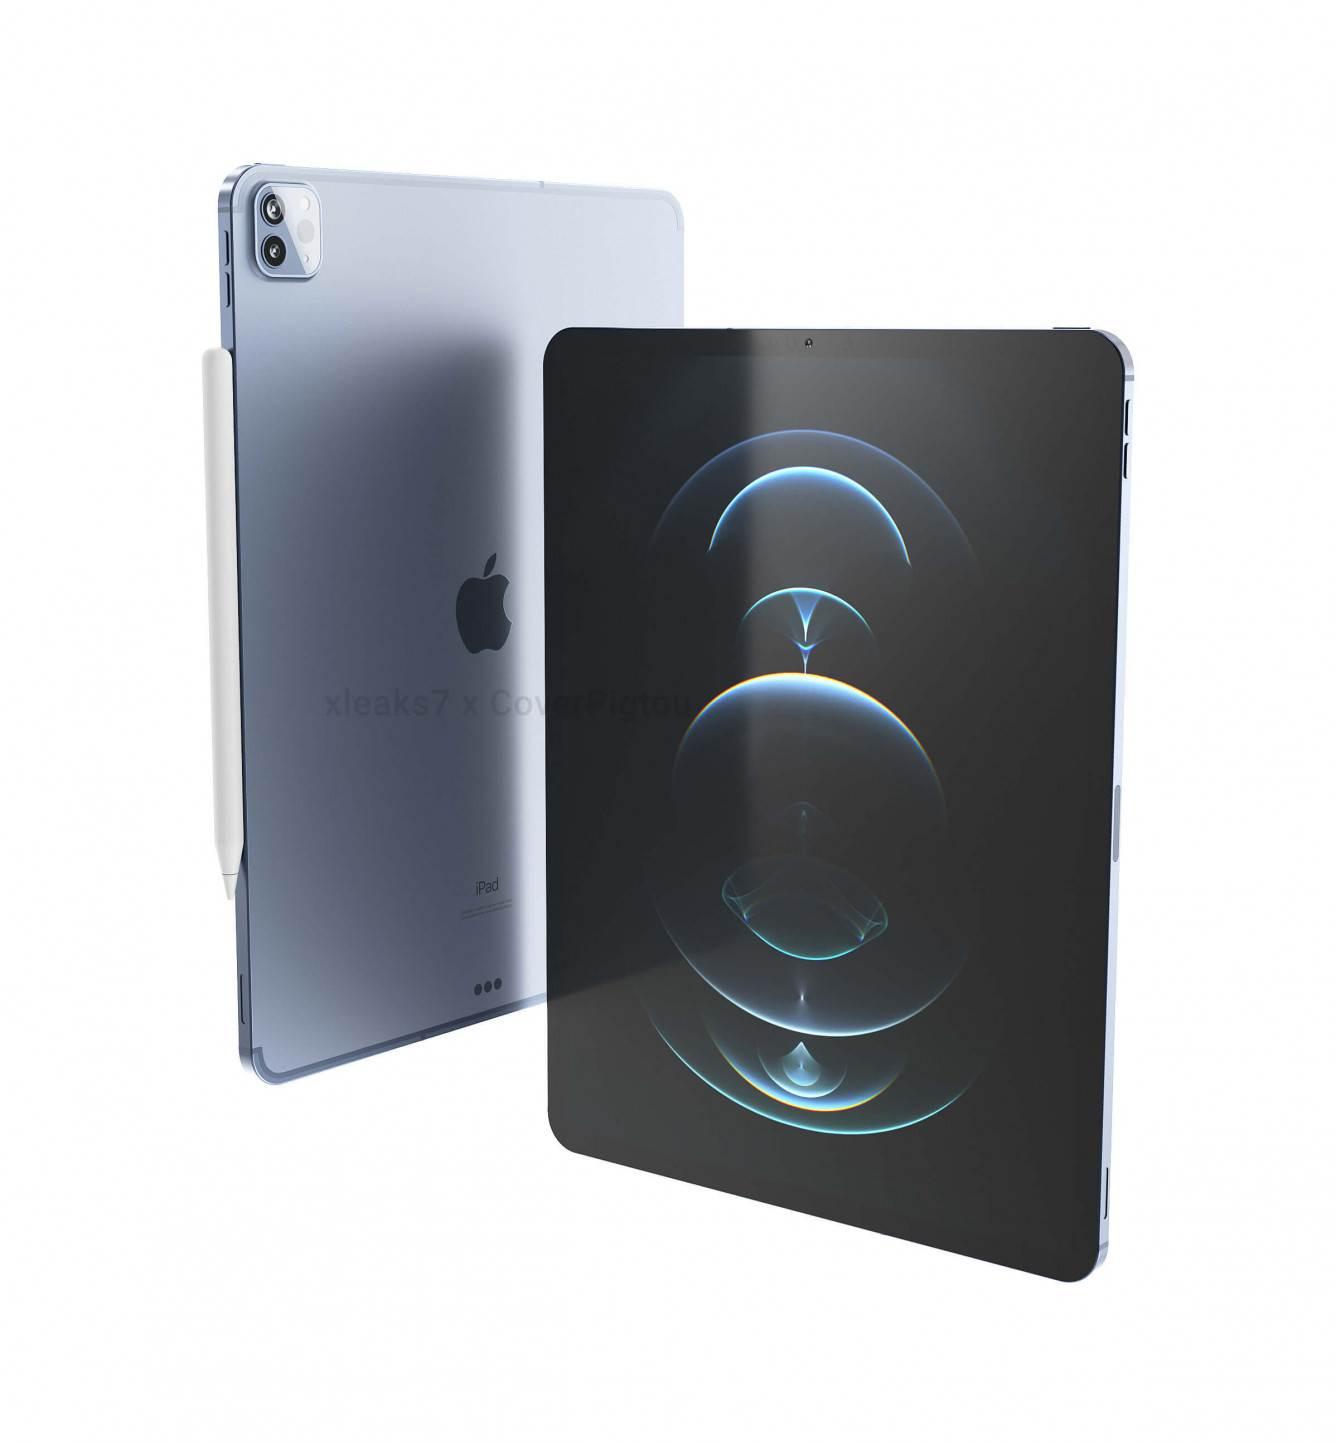 W sieci pojawiły się wysokiej jakości rendery iPad Pro 2021 ciekawostki rendery, iPad Pro 2021, CAD, Apple  Po informacjach o niewielkich zmianach jakie pojawia się w przyszłych tabletach firmy Apple, David Kowalski udostępnił oparte na CAD rendery nadchodzących 11-calowych i 12,9-calowych iPadów Pro. apple ipad pro 2021 1